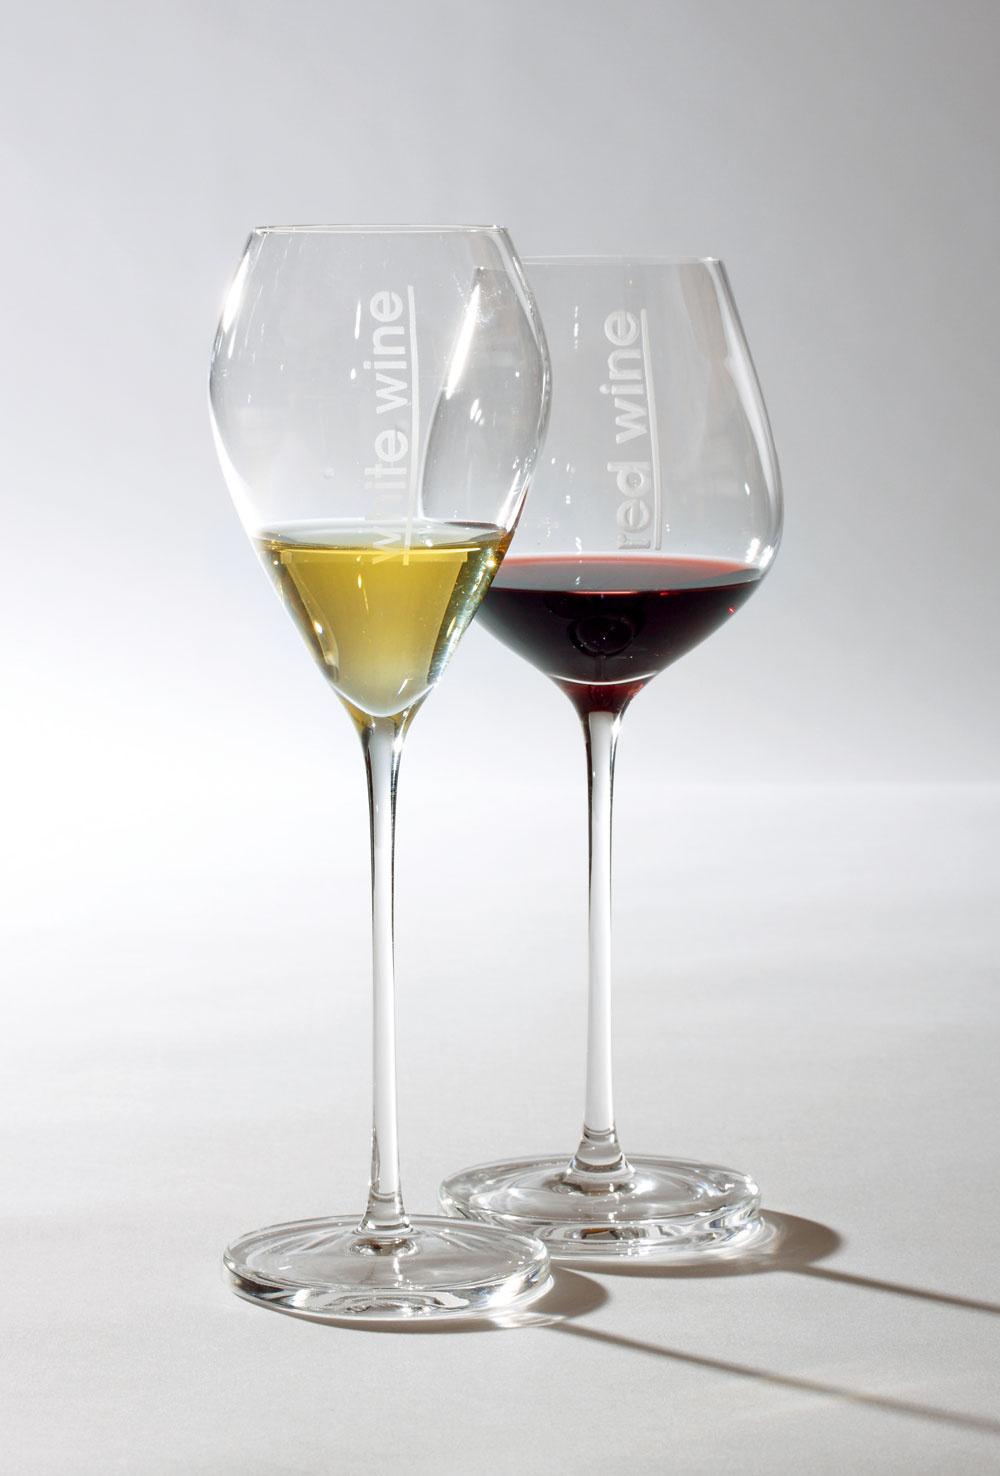 Poháre Andromeda od firmy Rona. Objem pohára na červené víno 48 cl, cena 27,06€/2ks. Objem pohára na biele víno 34cl, cena 25,70€/2ks. Predáva Galan.